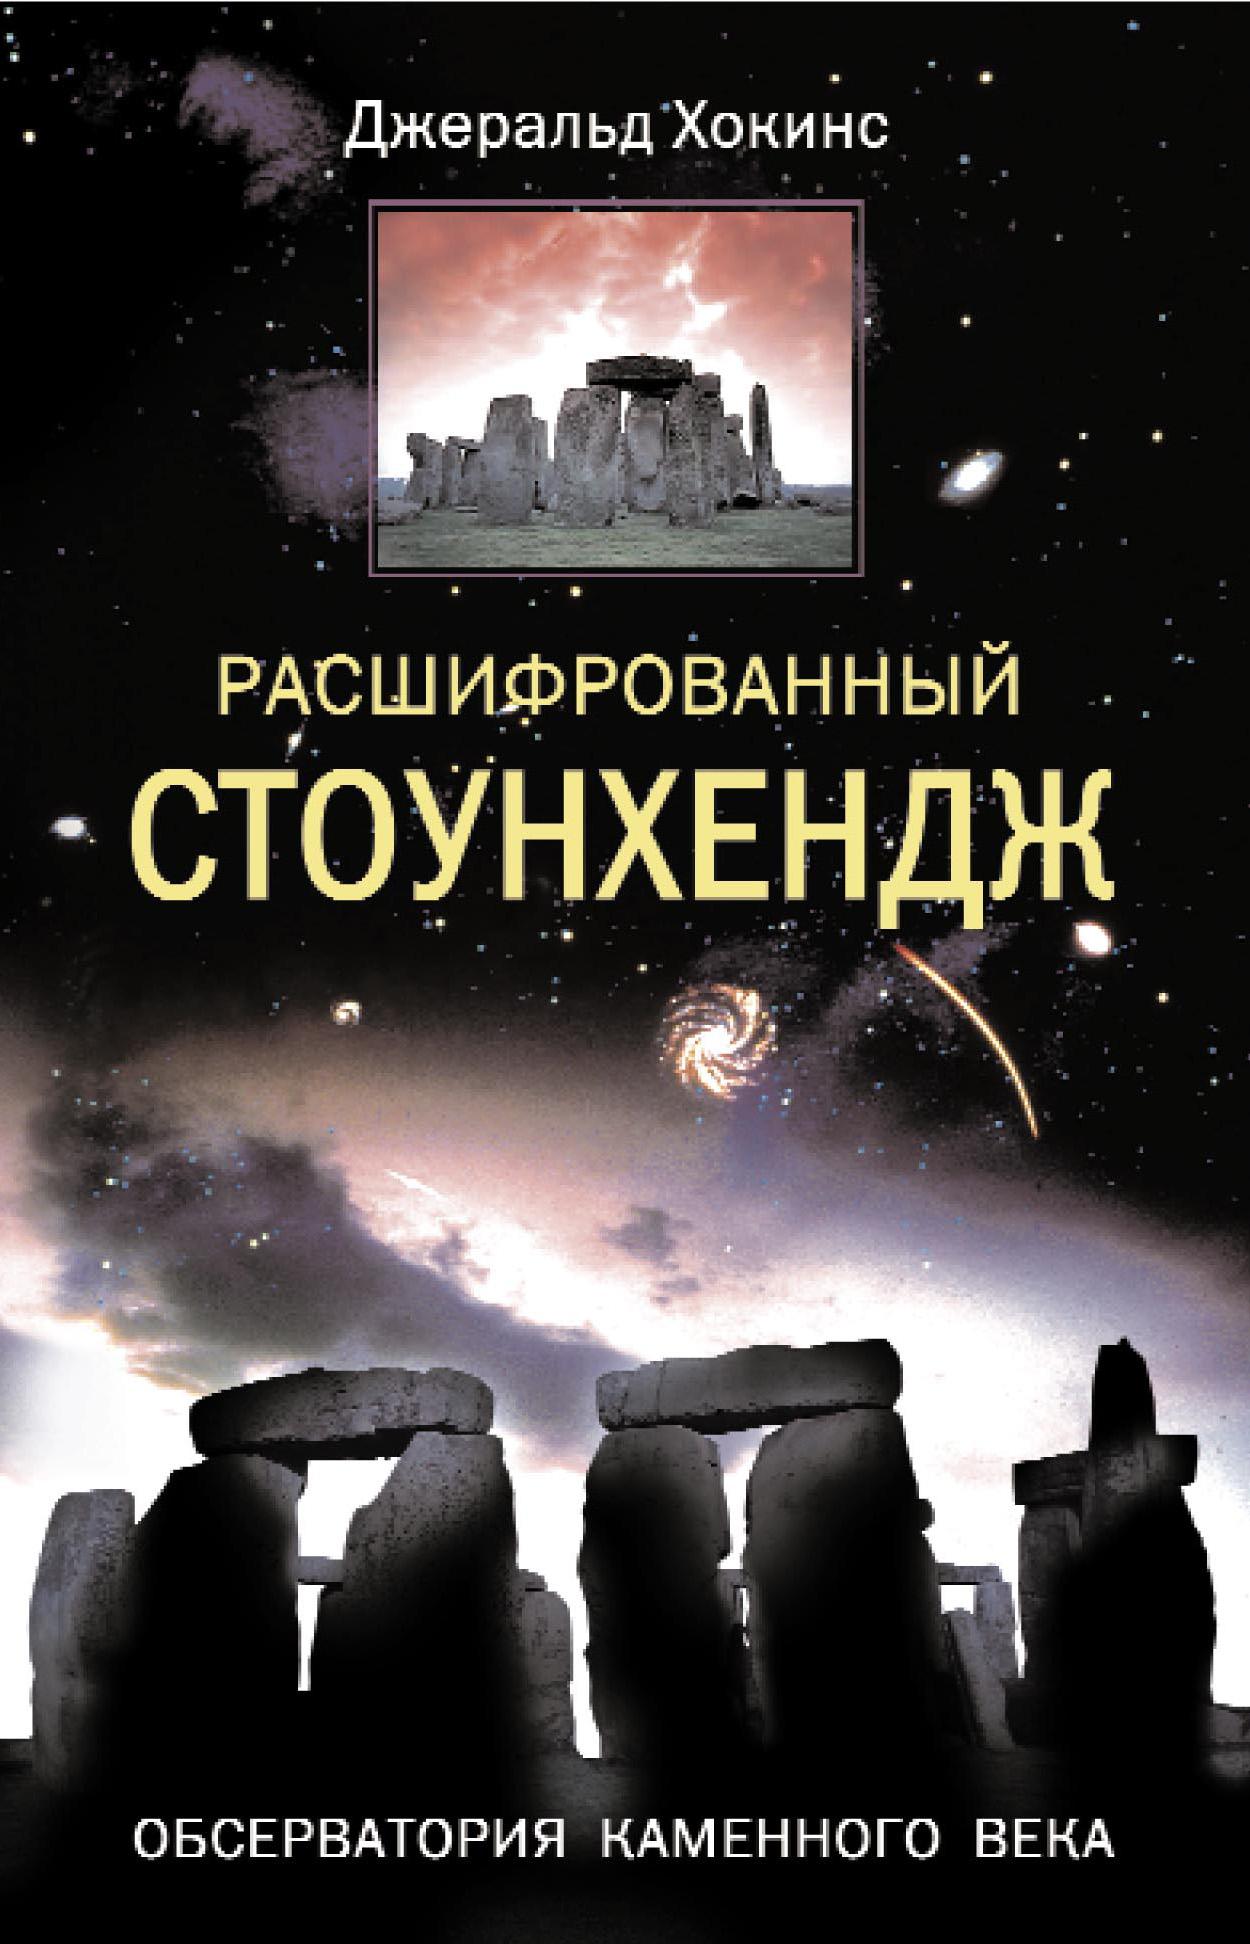 Джеральд Хокинс Расшифрованный Стоунхендж. Обсерватория каменного века кастрюля кассероль leomax стоунхендж